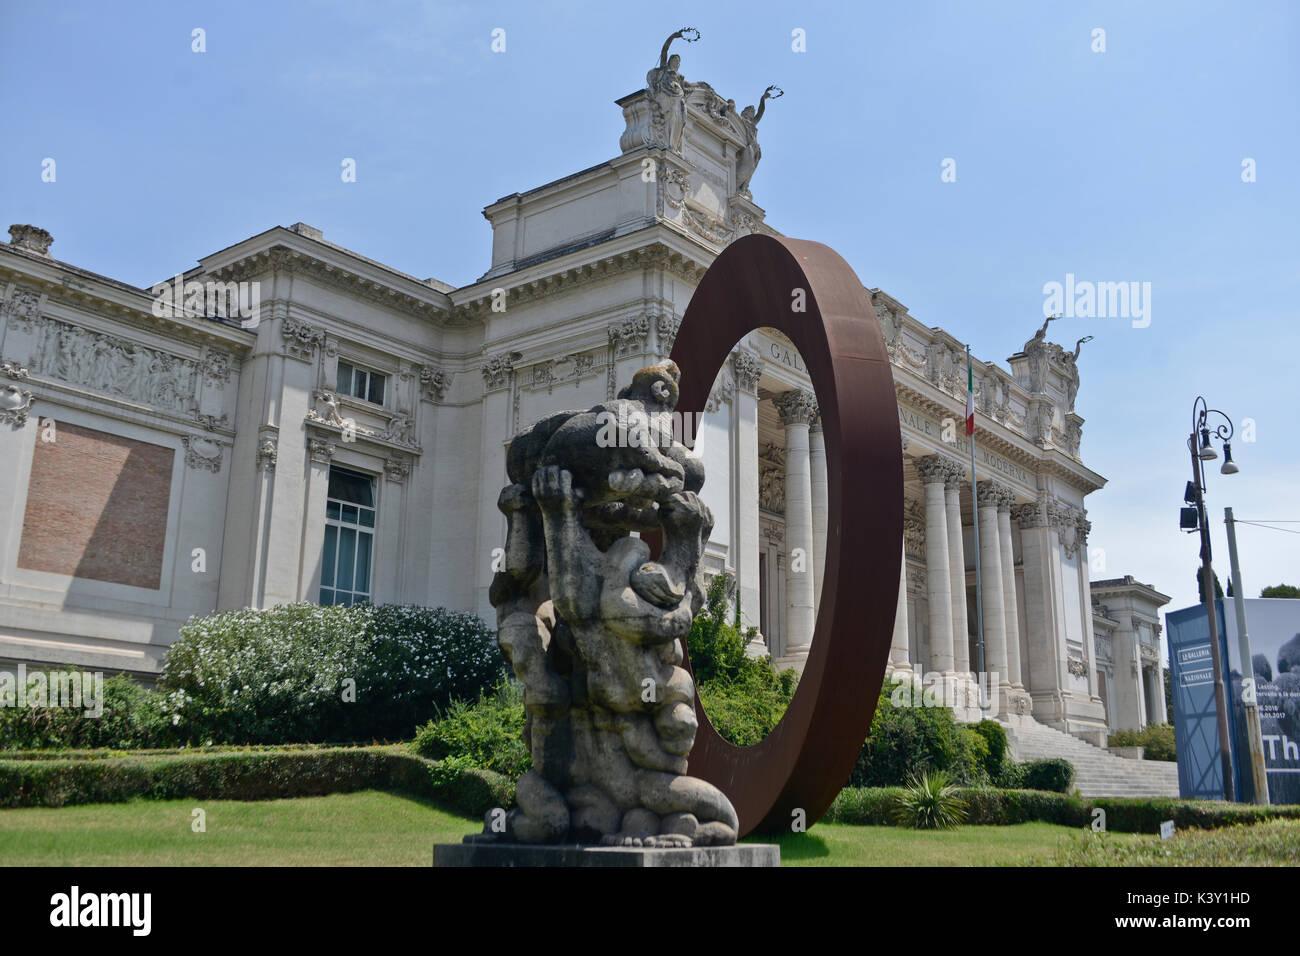 Galleria Nazionale d'Arte Moderna (Galleria Nazionale di Arte Moderna) - Roma Immagini Stock